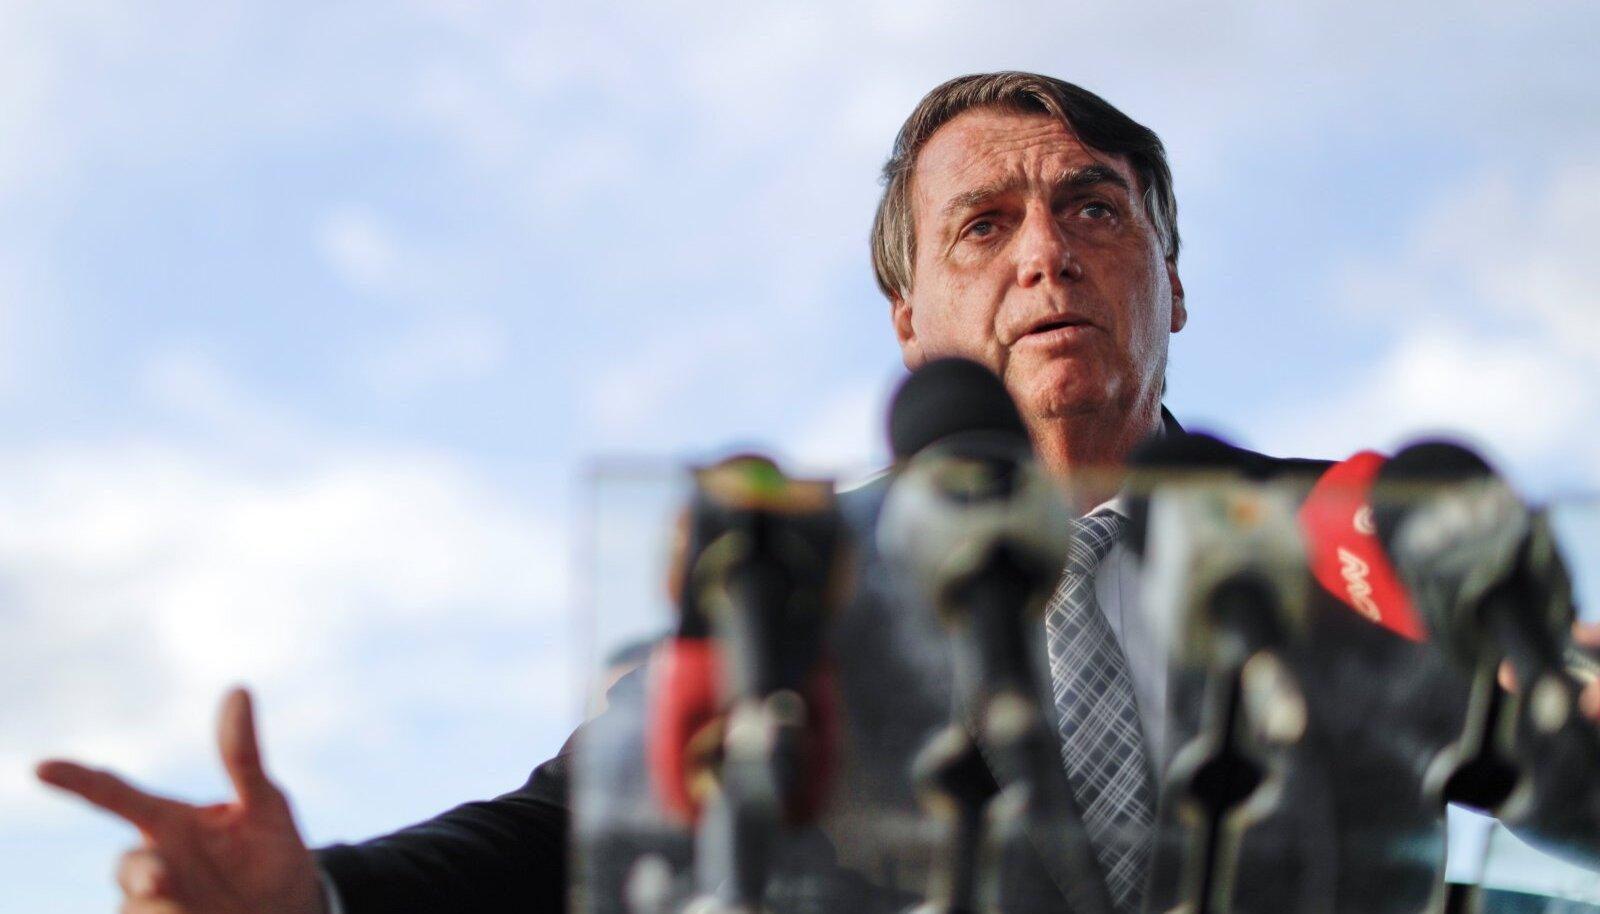 SEIS ON HALB: Käpardlik tegutsemine koroonapandeemia ajal ja trumpistliku laine taandumine võib Bolsonaro poliitlennu lõpetada.